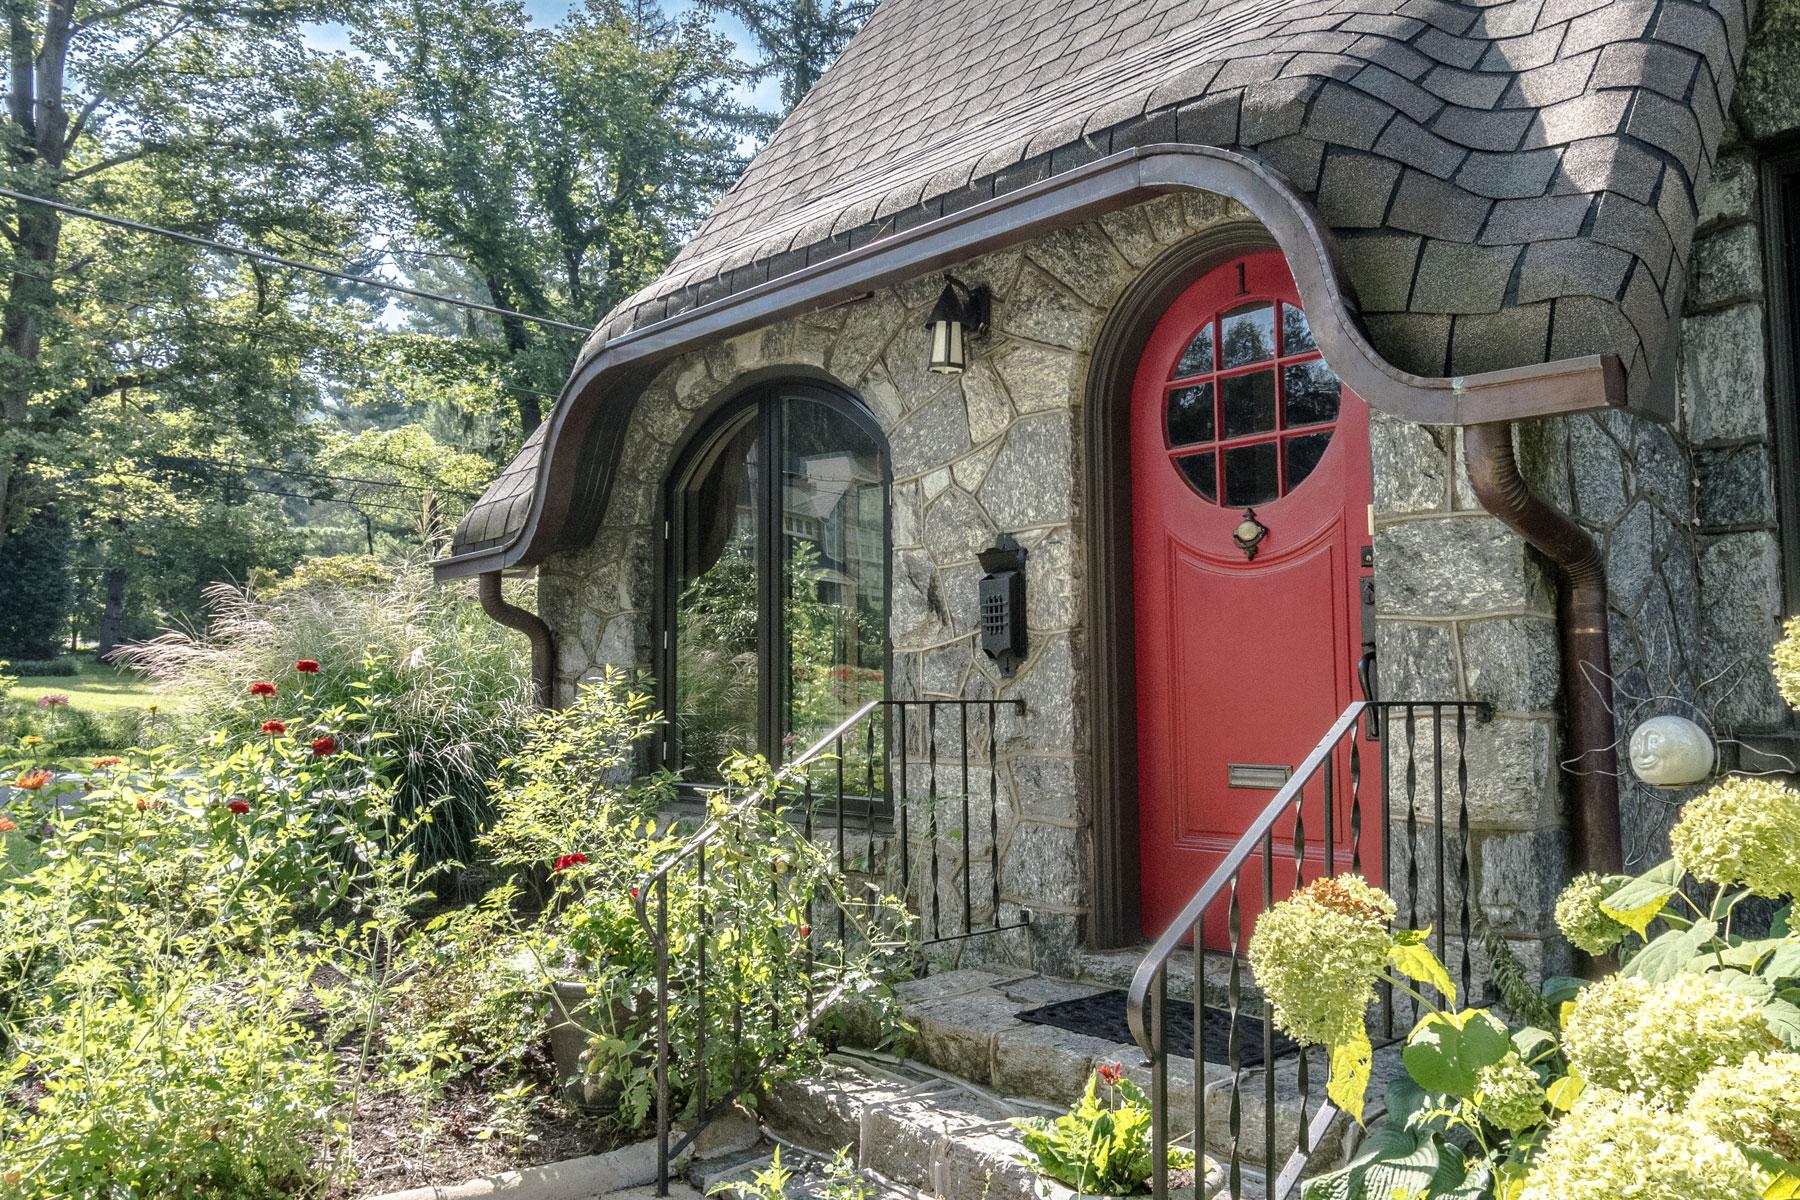 vintage-front-door-red-round-window